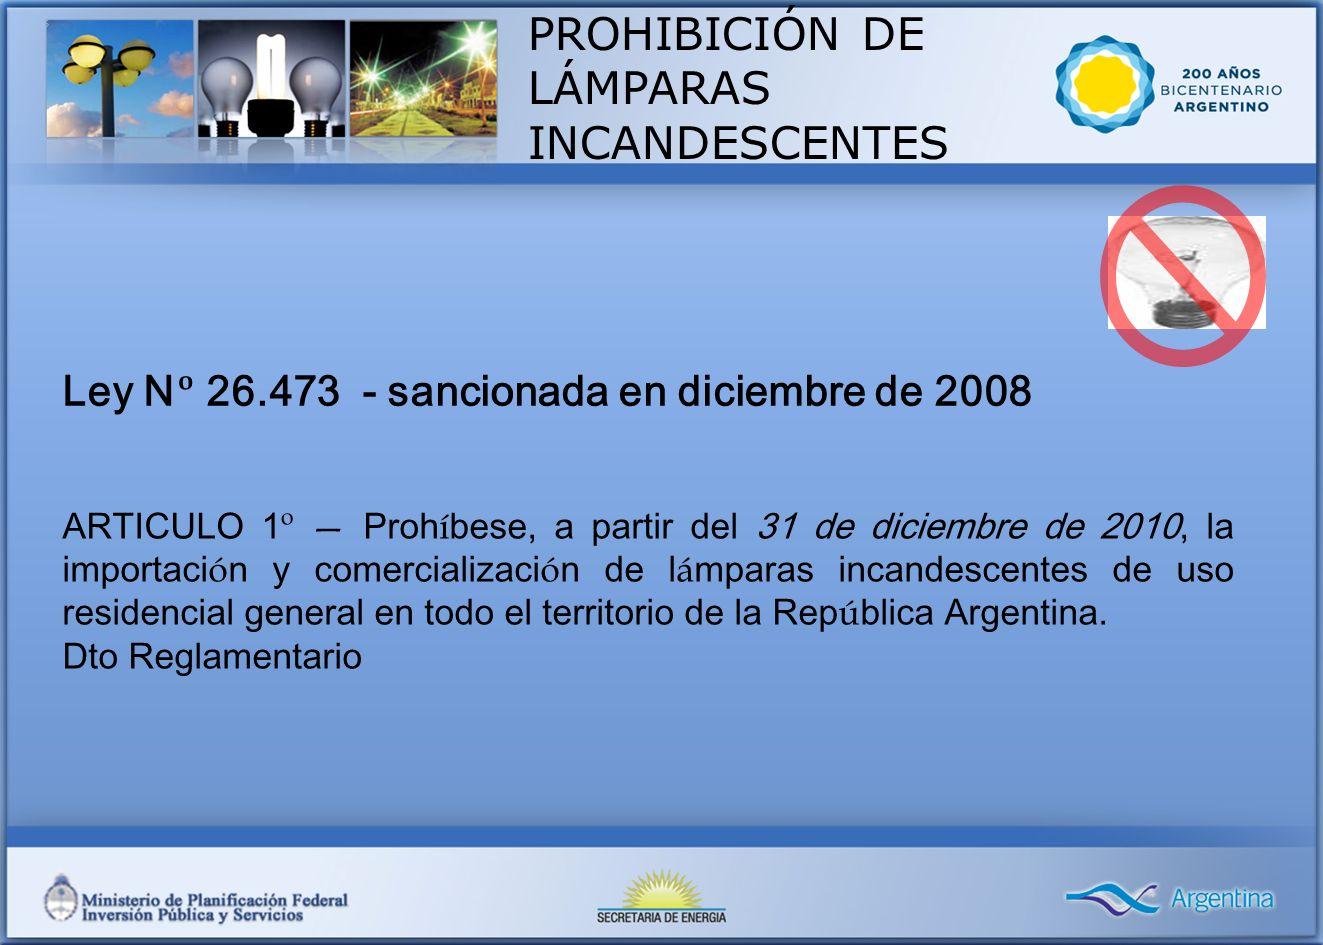 Ley N º 26.473 - sancionada en diciembre de 2008 ARTICULO 1 º Proh í bese, a partir del 31 de diciembre de 2010, la importaci ó n y comercializaci ó n de l á mparas incandescentes de uso residencial general en todo el territorio de la Rep ú blica Argentina.